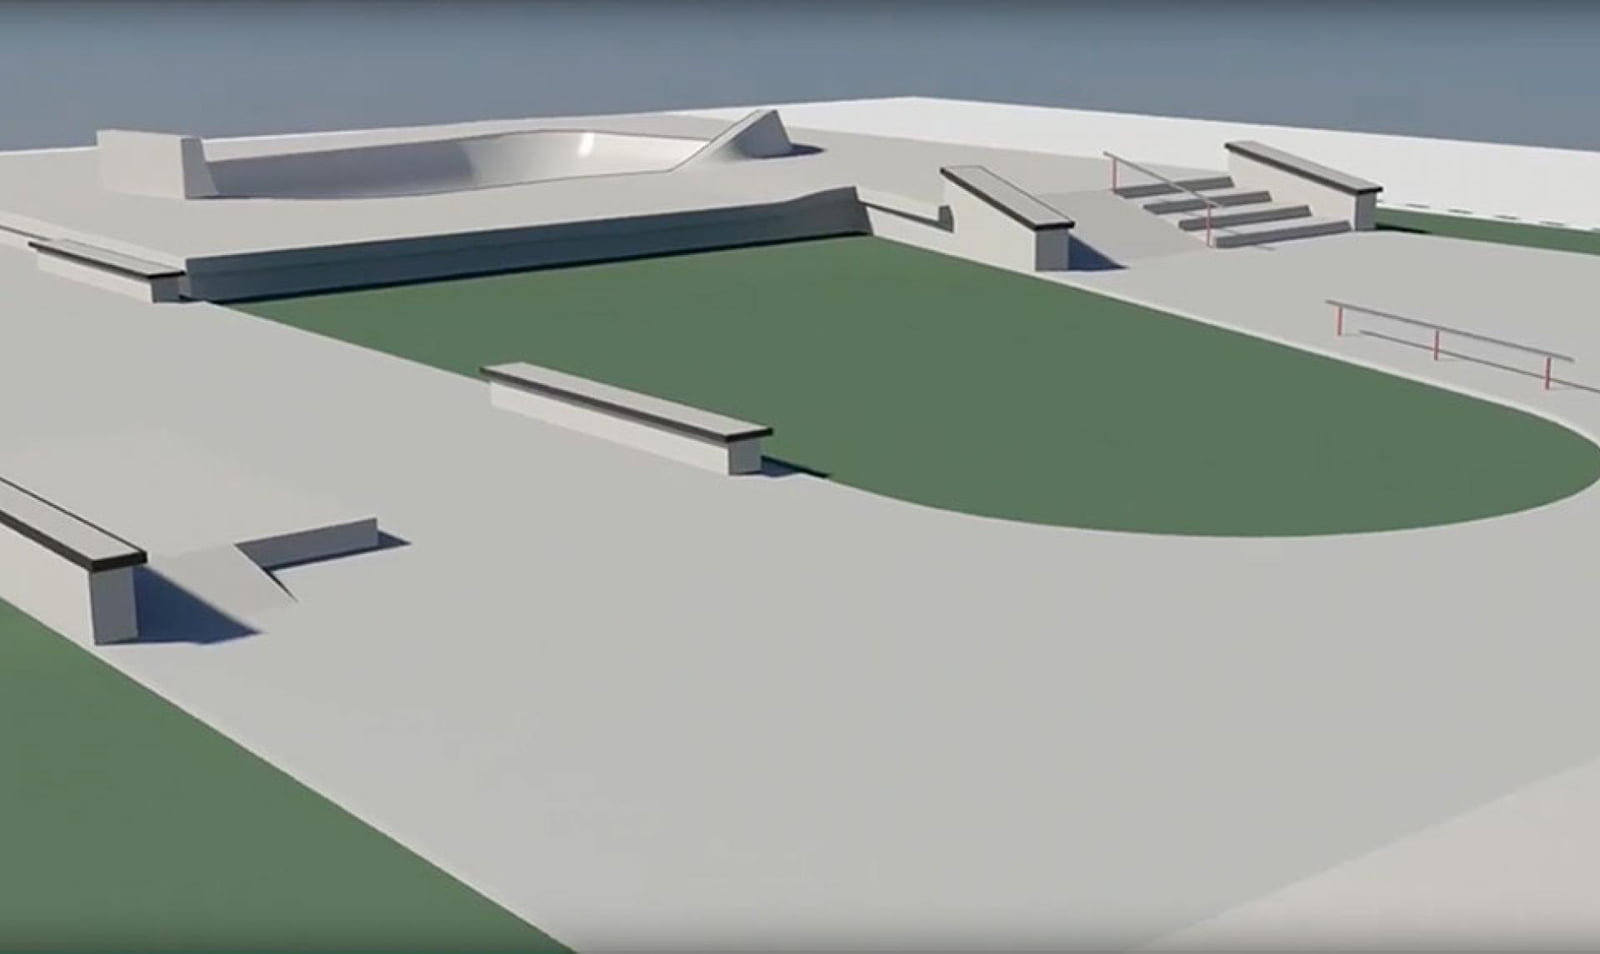 Övik skatepark